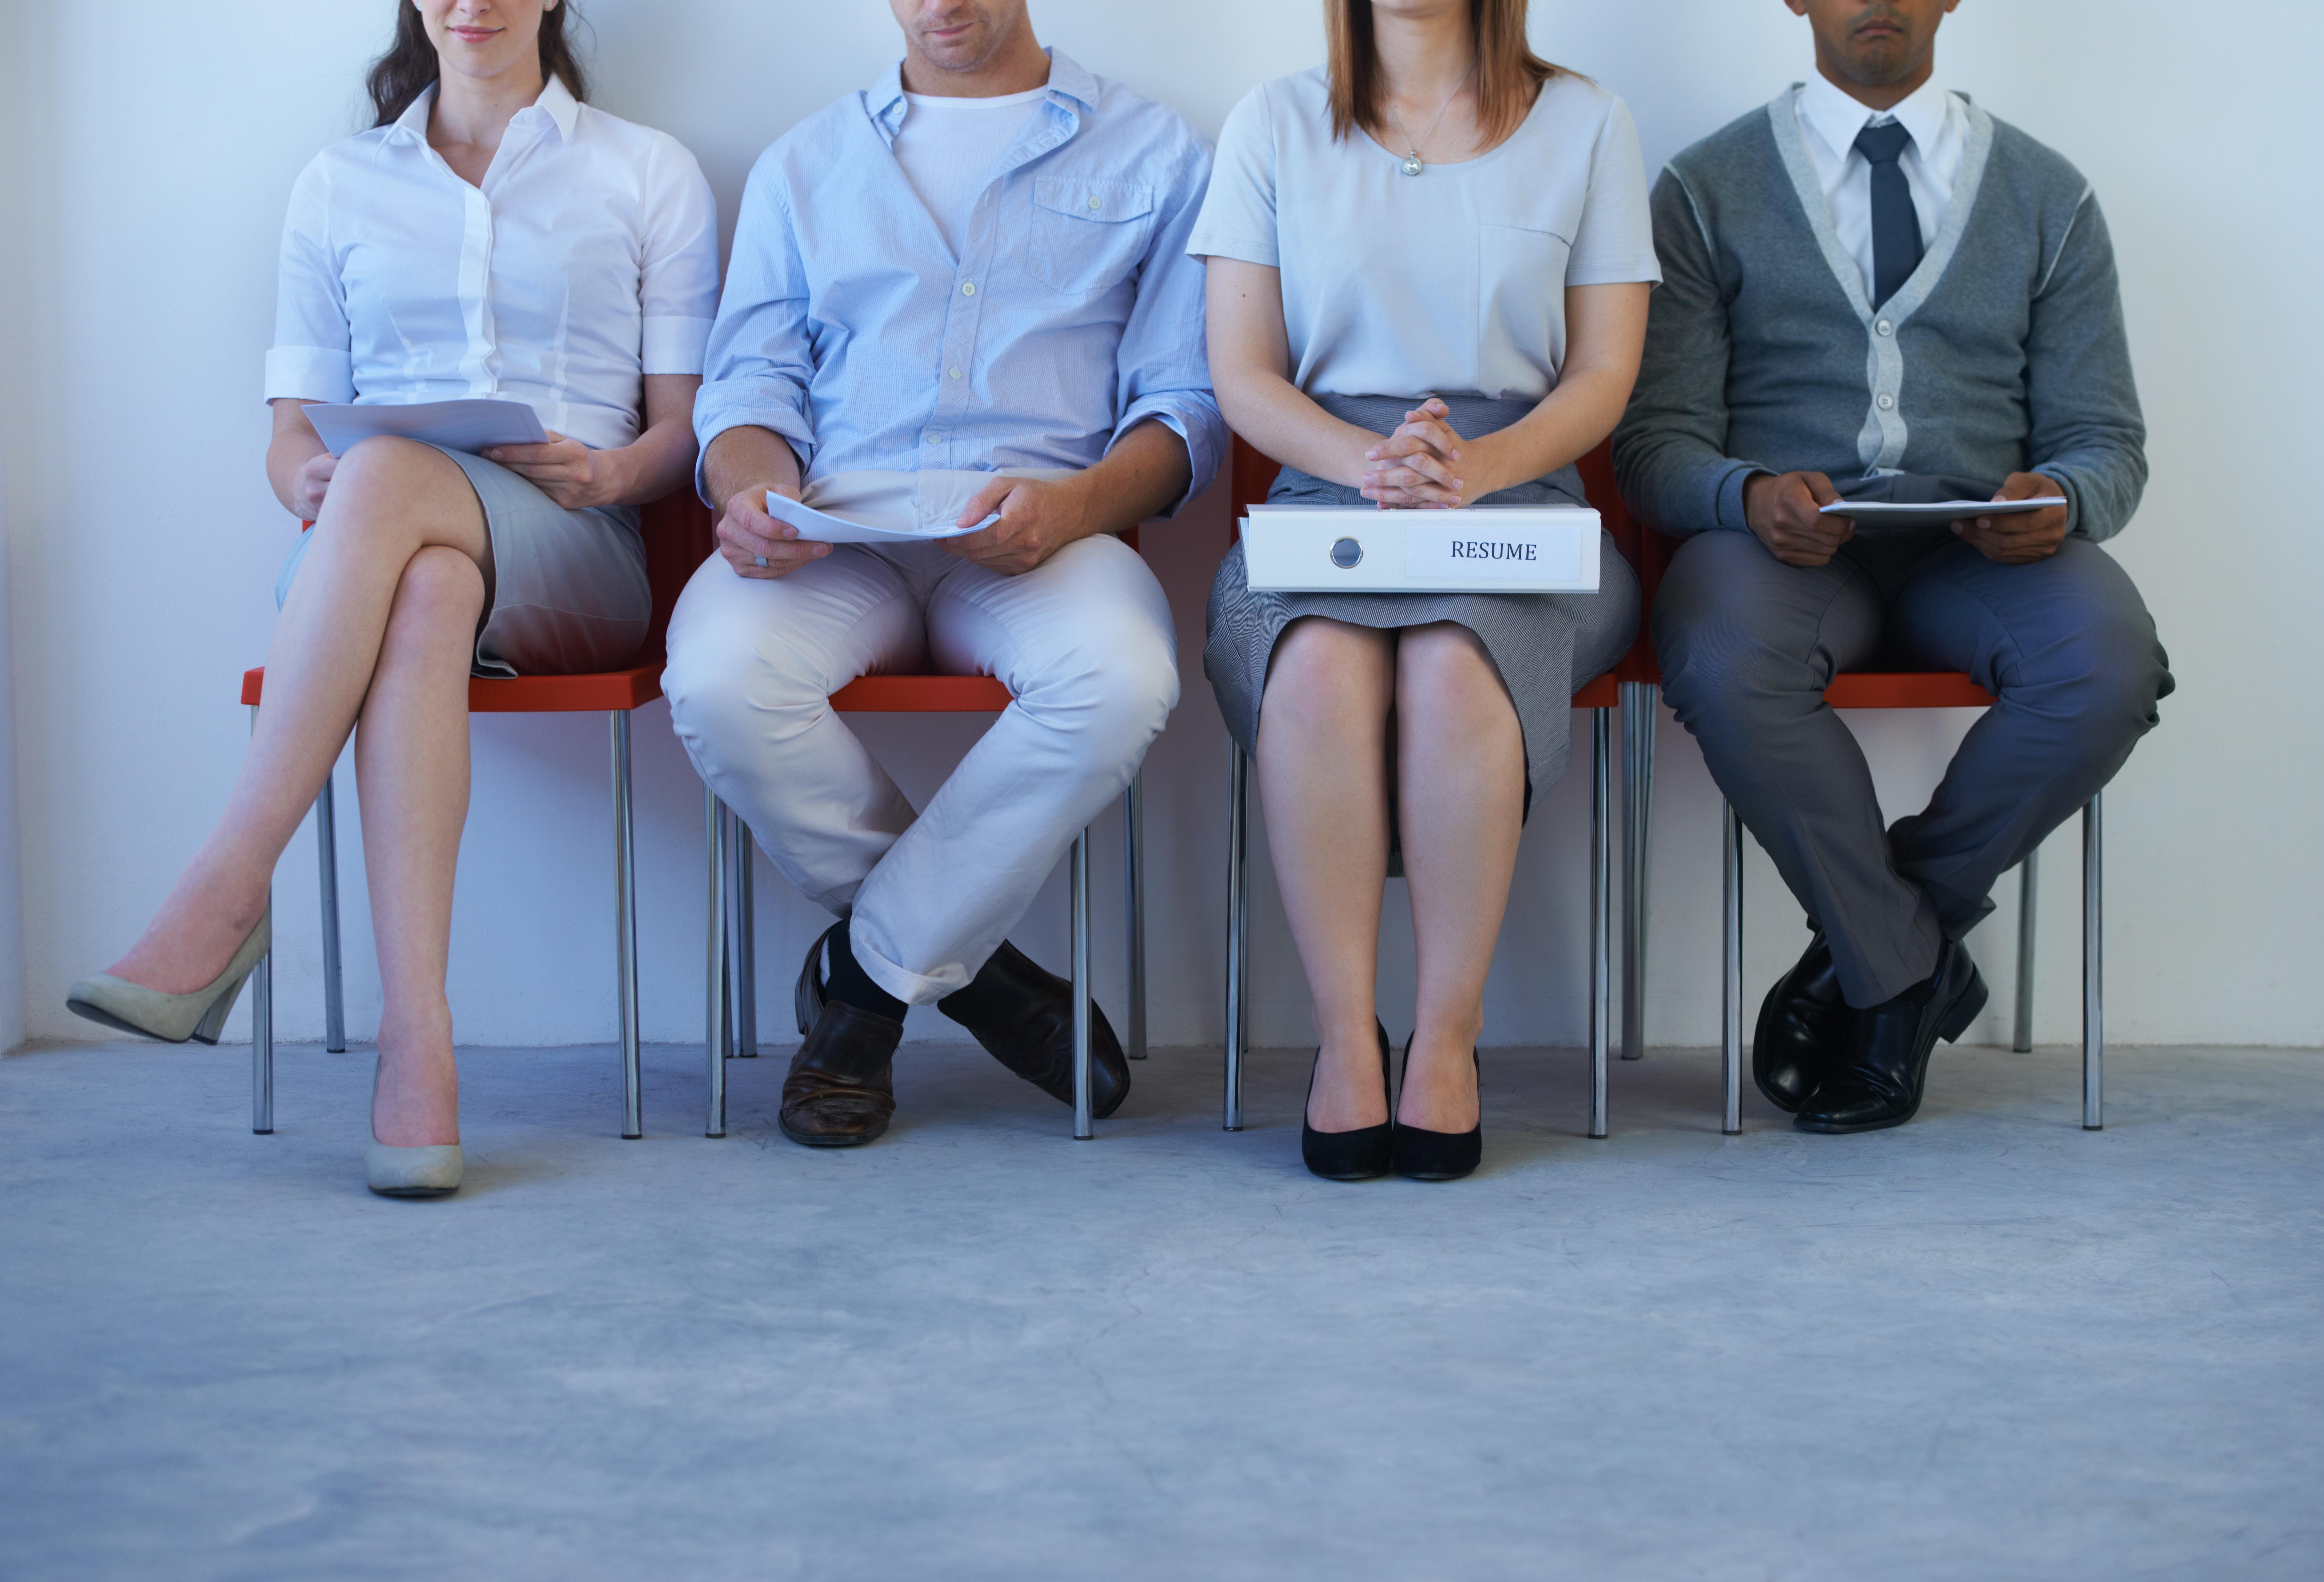 10 Free Ways to Recruit